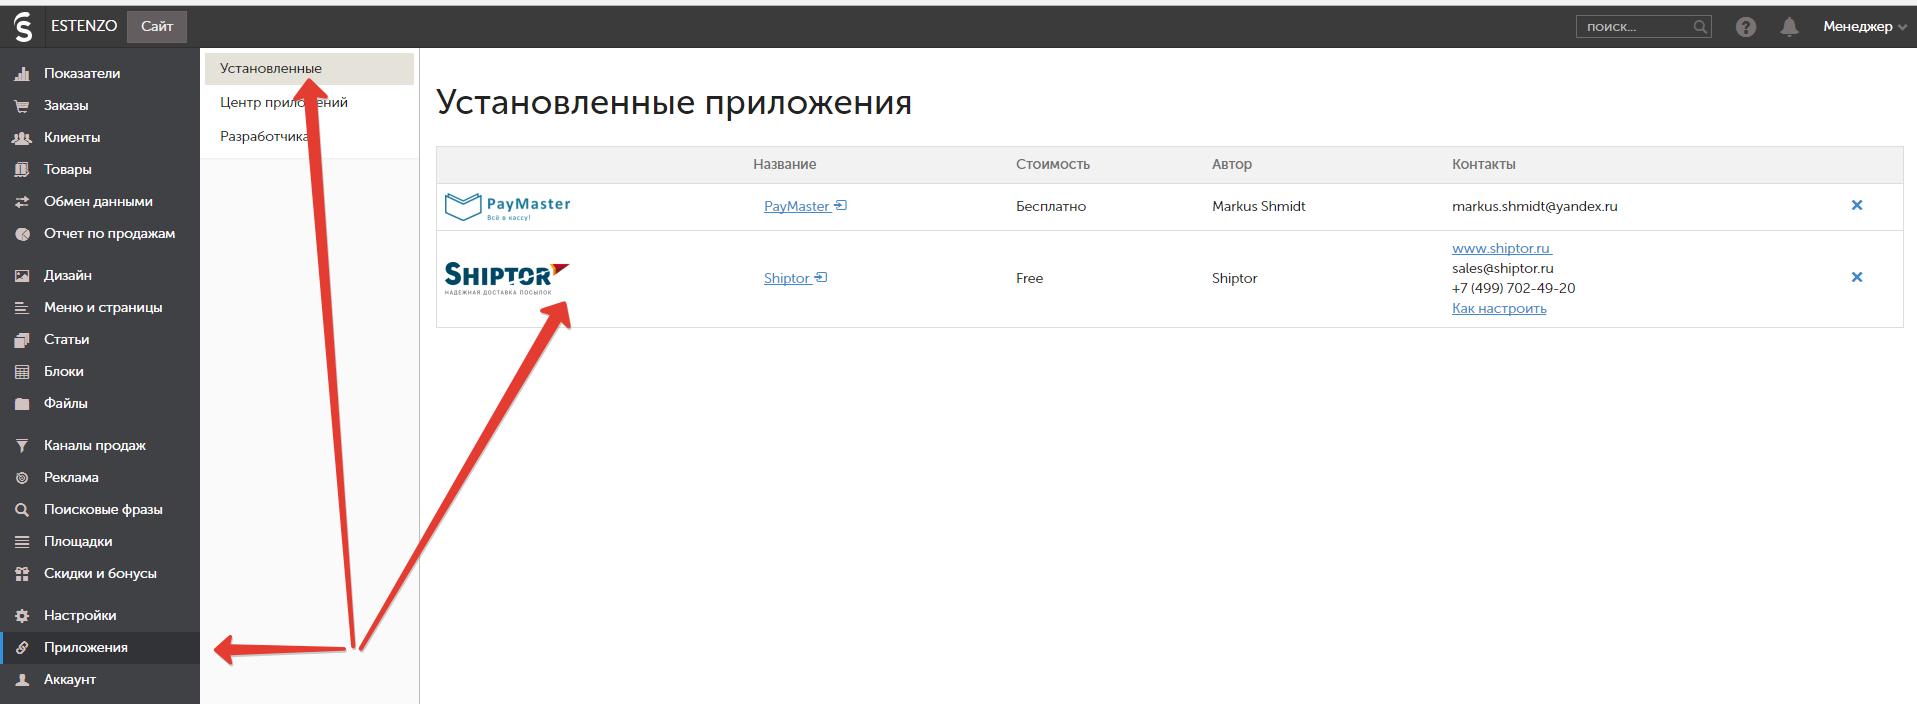 files.php?filename=7ccccb9cf1f7ab94624ad